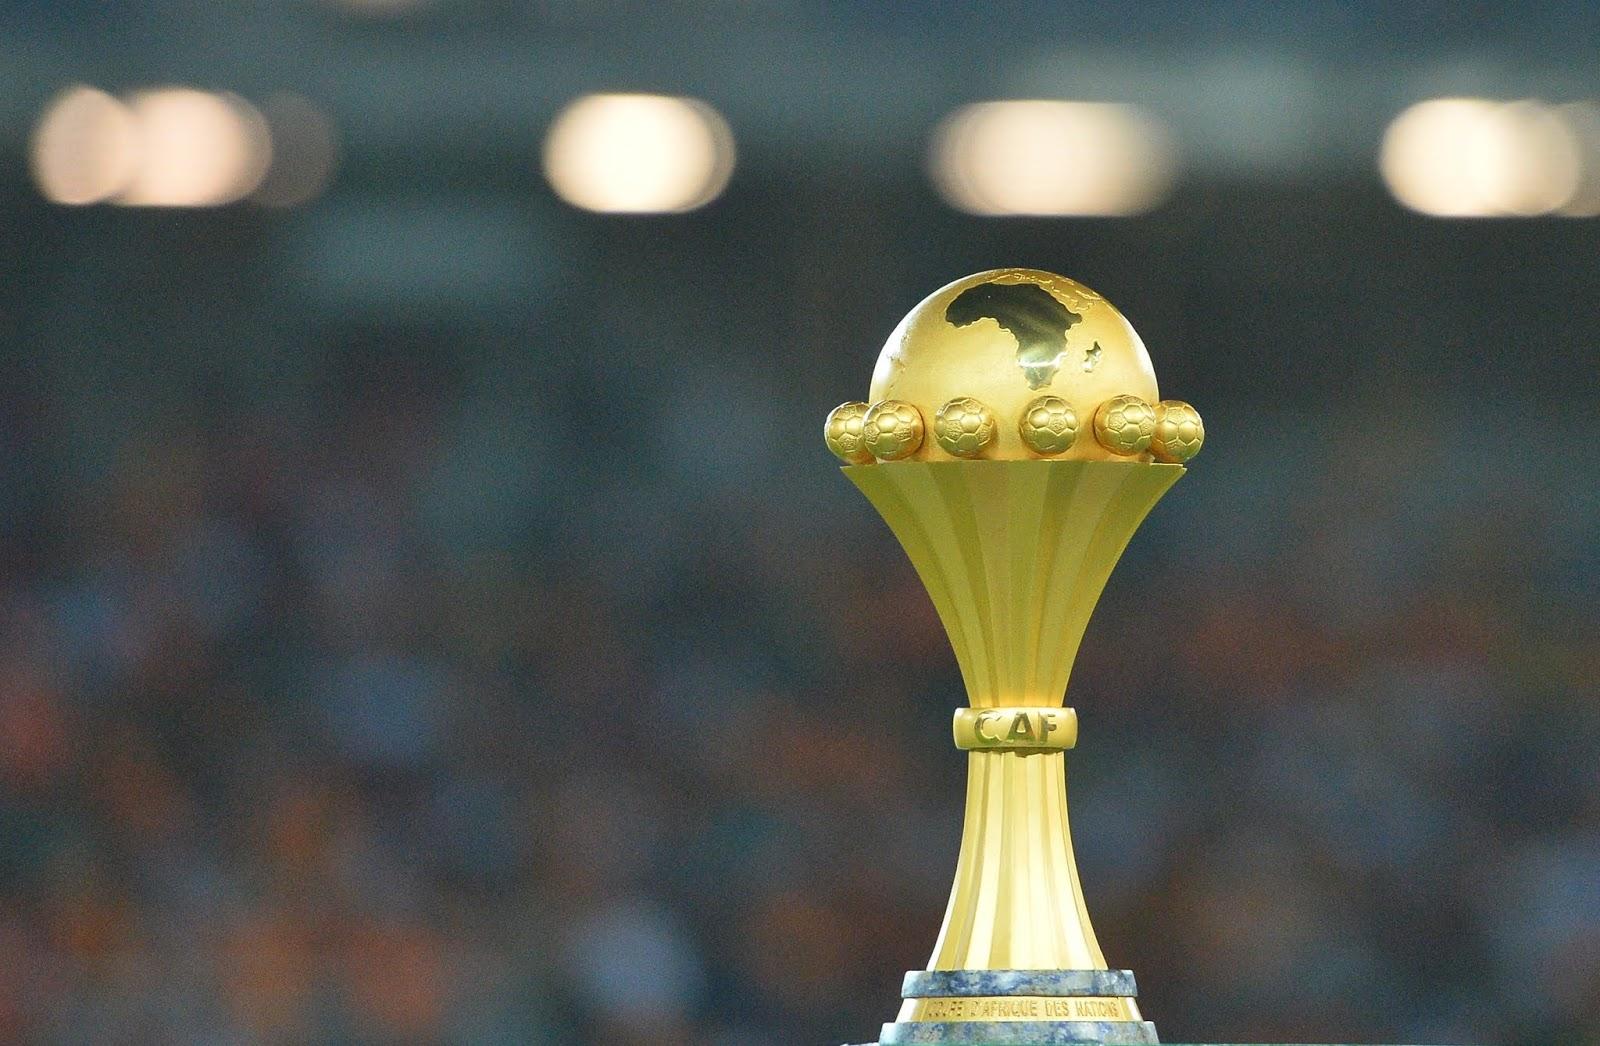 تصفيات كأس أمم إفريقيا: الكاف تطرح عدة اقتراحات لخوض الجولتين الثالثة والرابعة